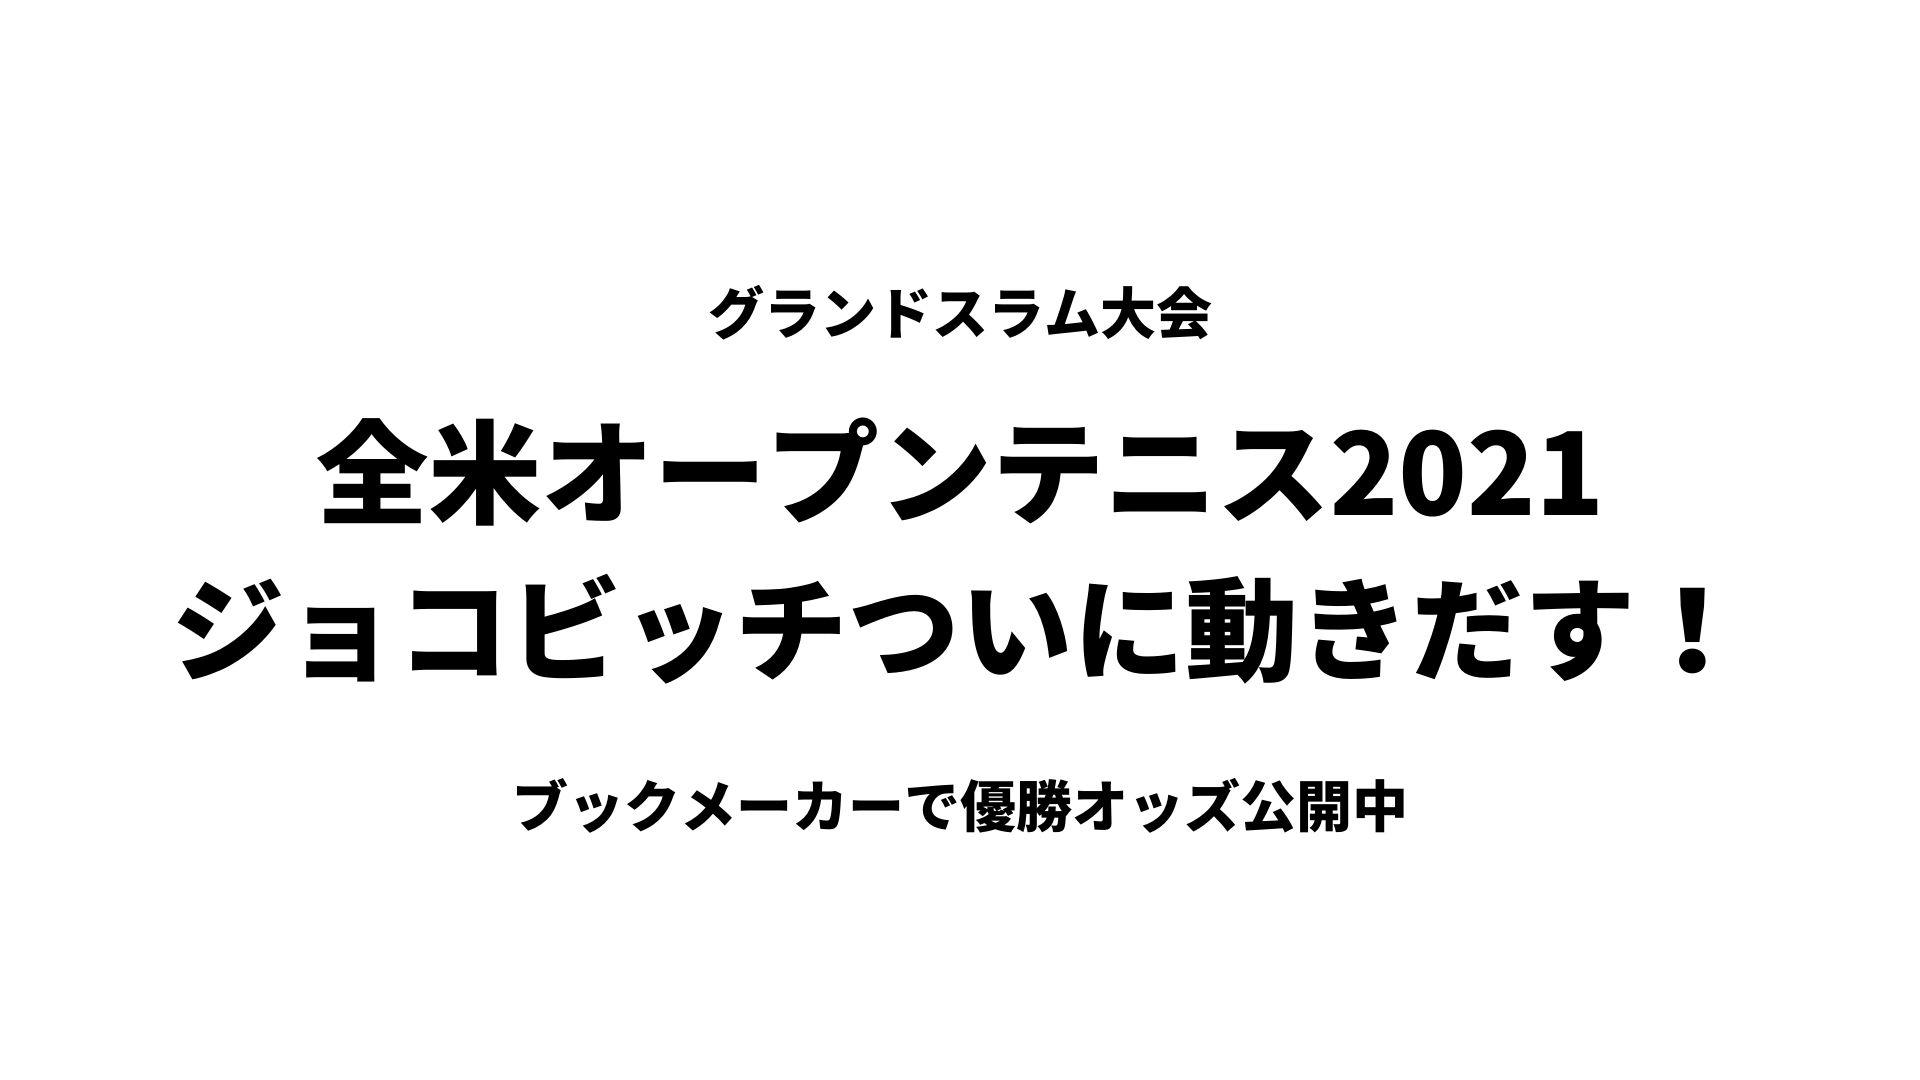 全米オープンテニス2021ブックメーカー予想オッズ